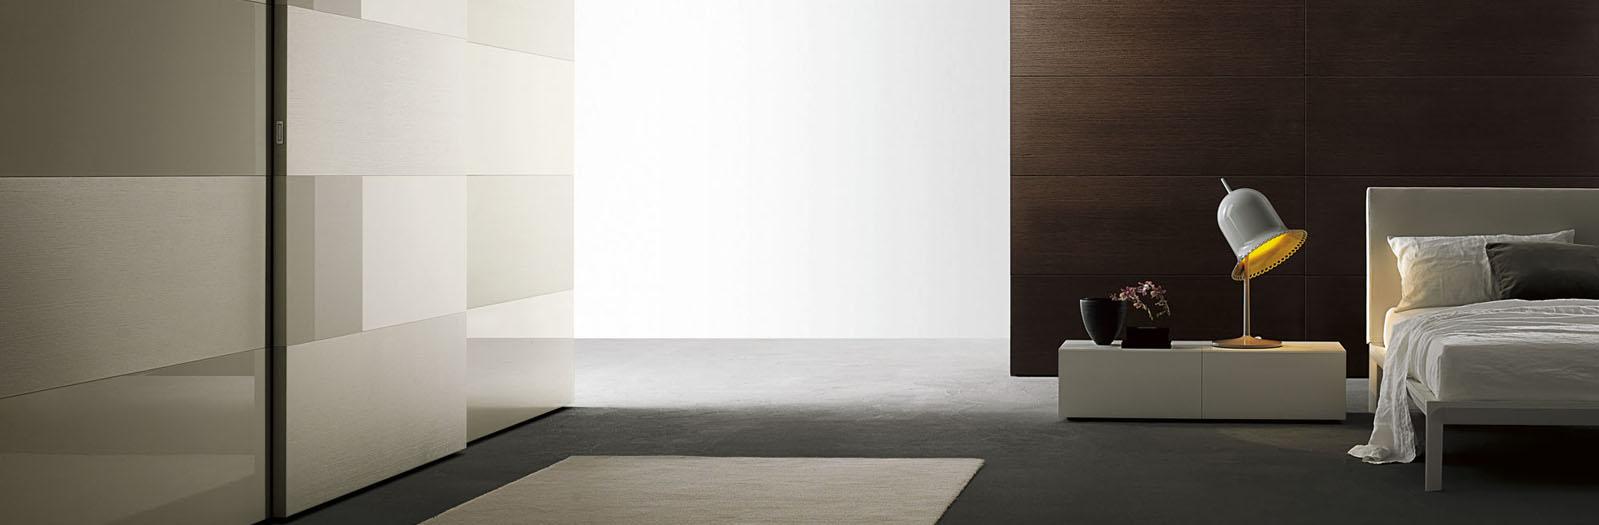 Mobili Sangiacomo: soggiorni moderni e camere accoglienti | Dassi